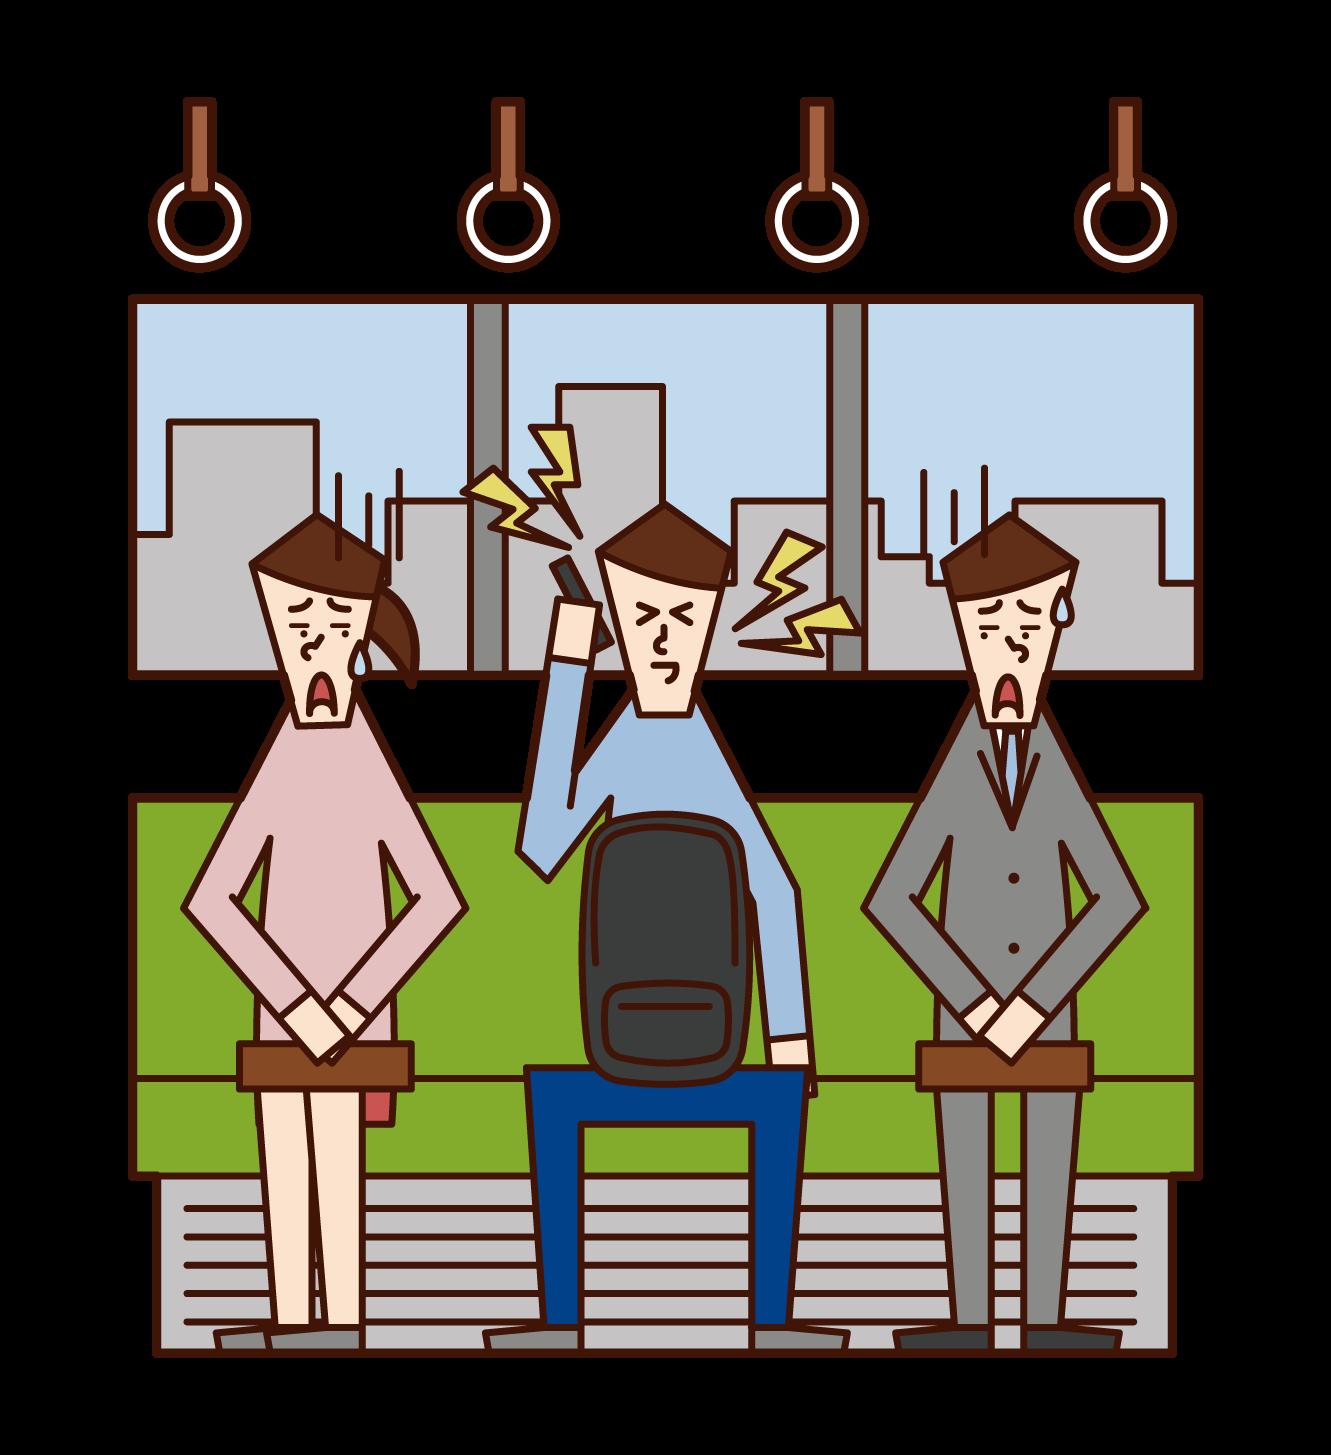 在火車上大聲打電話的人(男性)的插圖